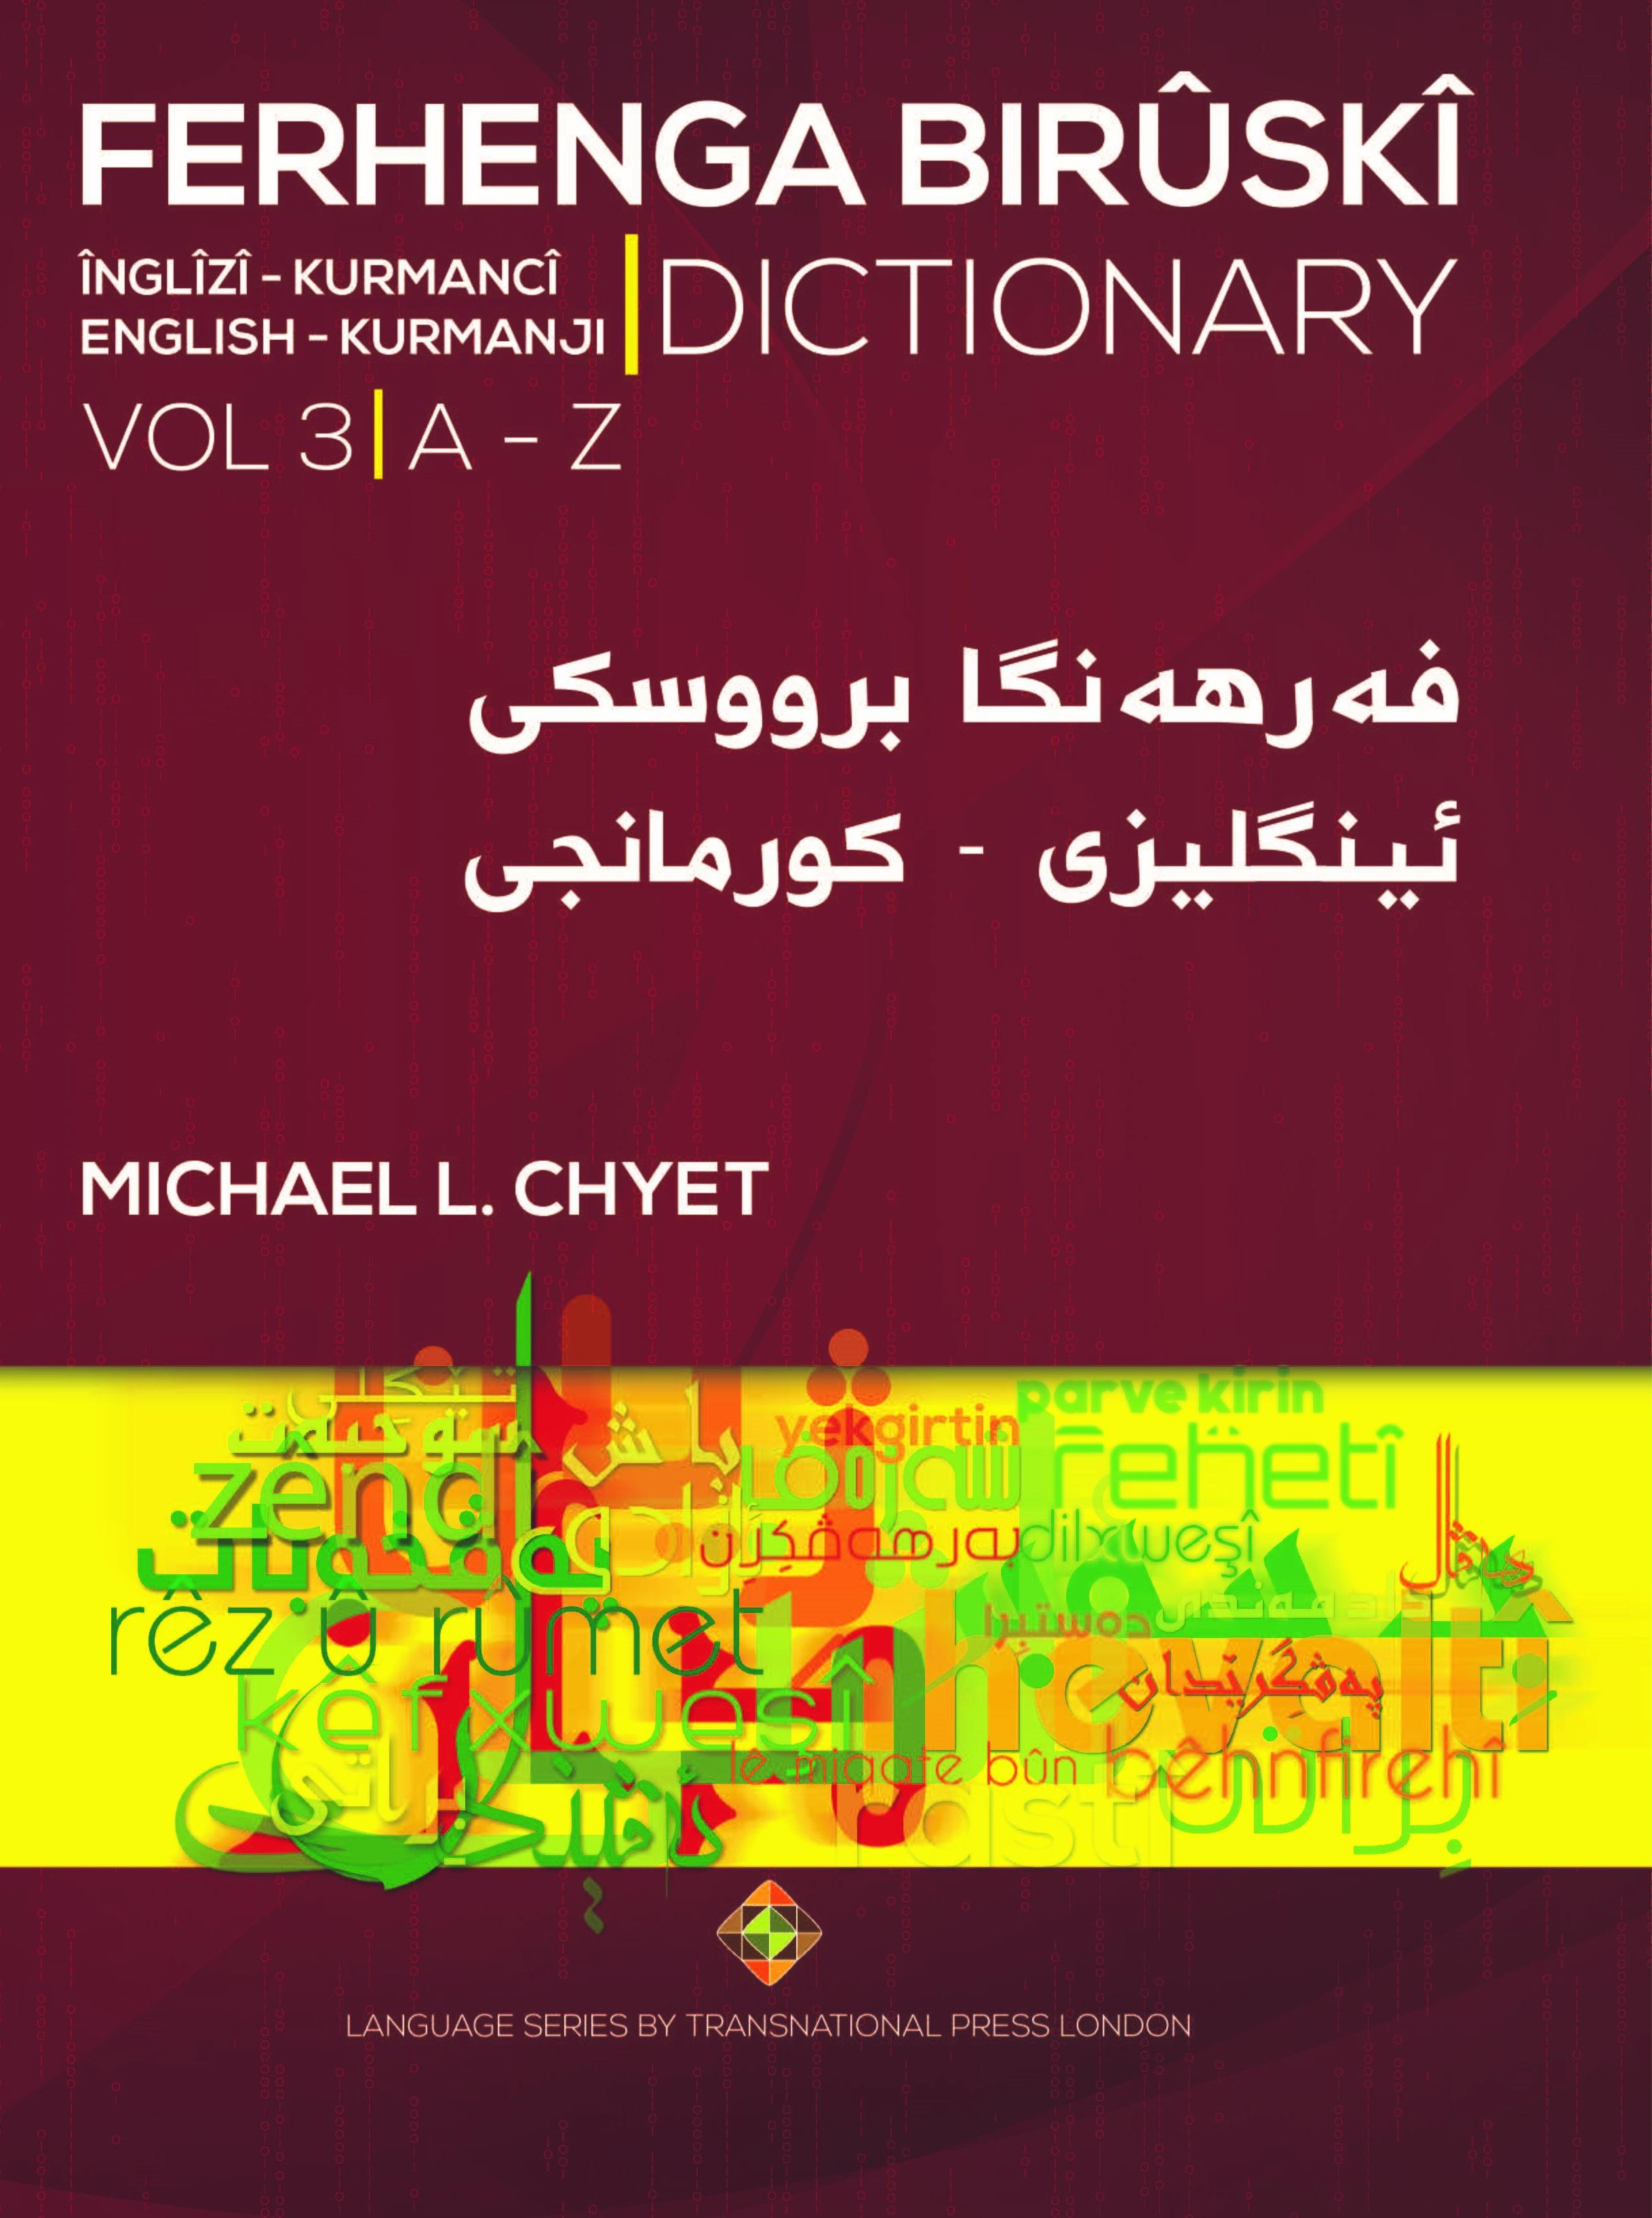 Ferhenga Bırûskî English-Kurmanji Dictionary Volume Three